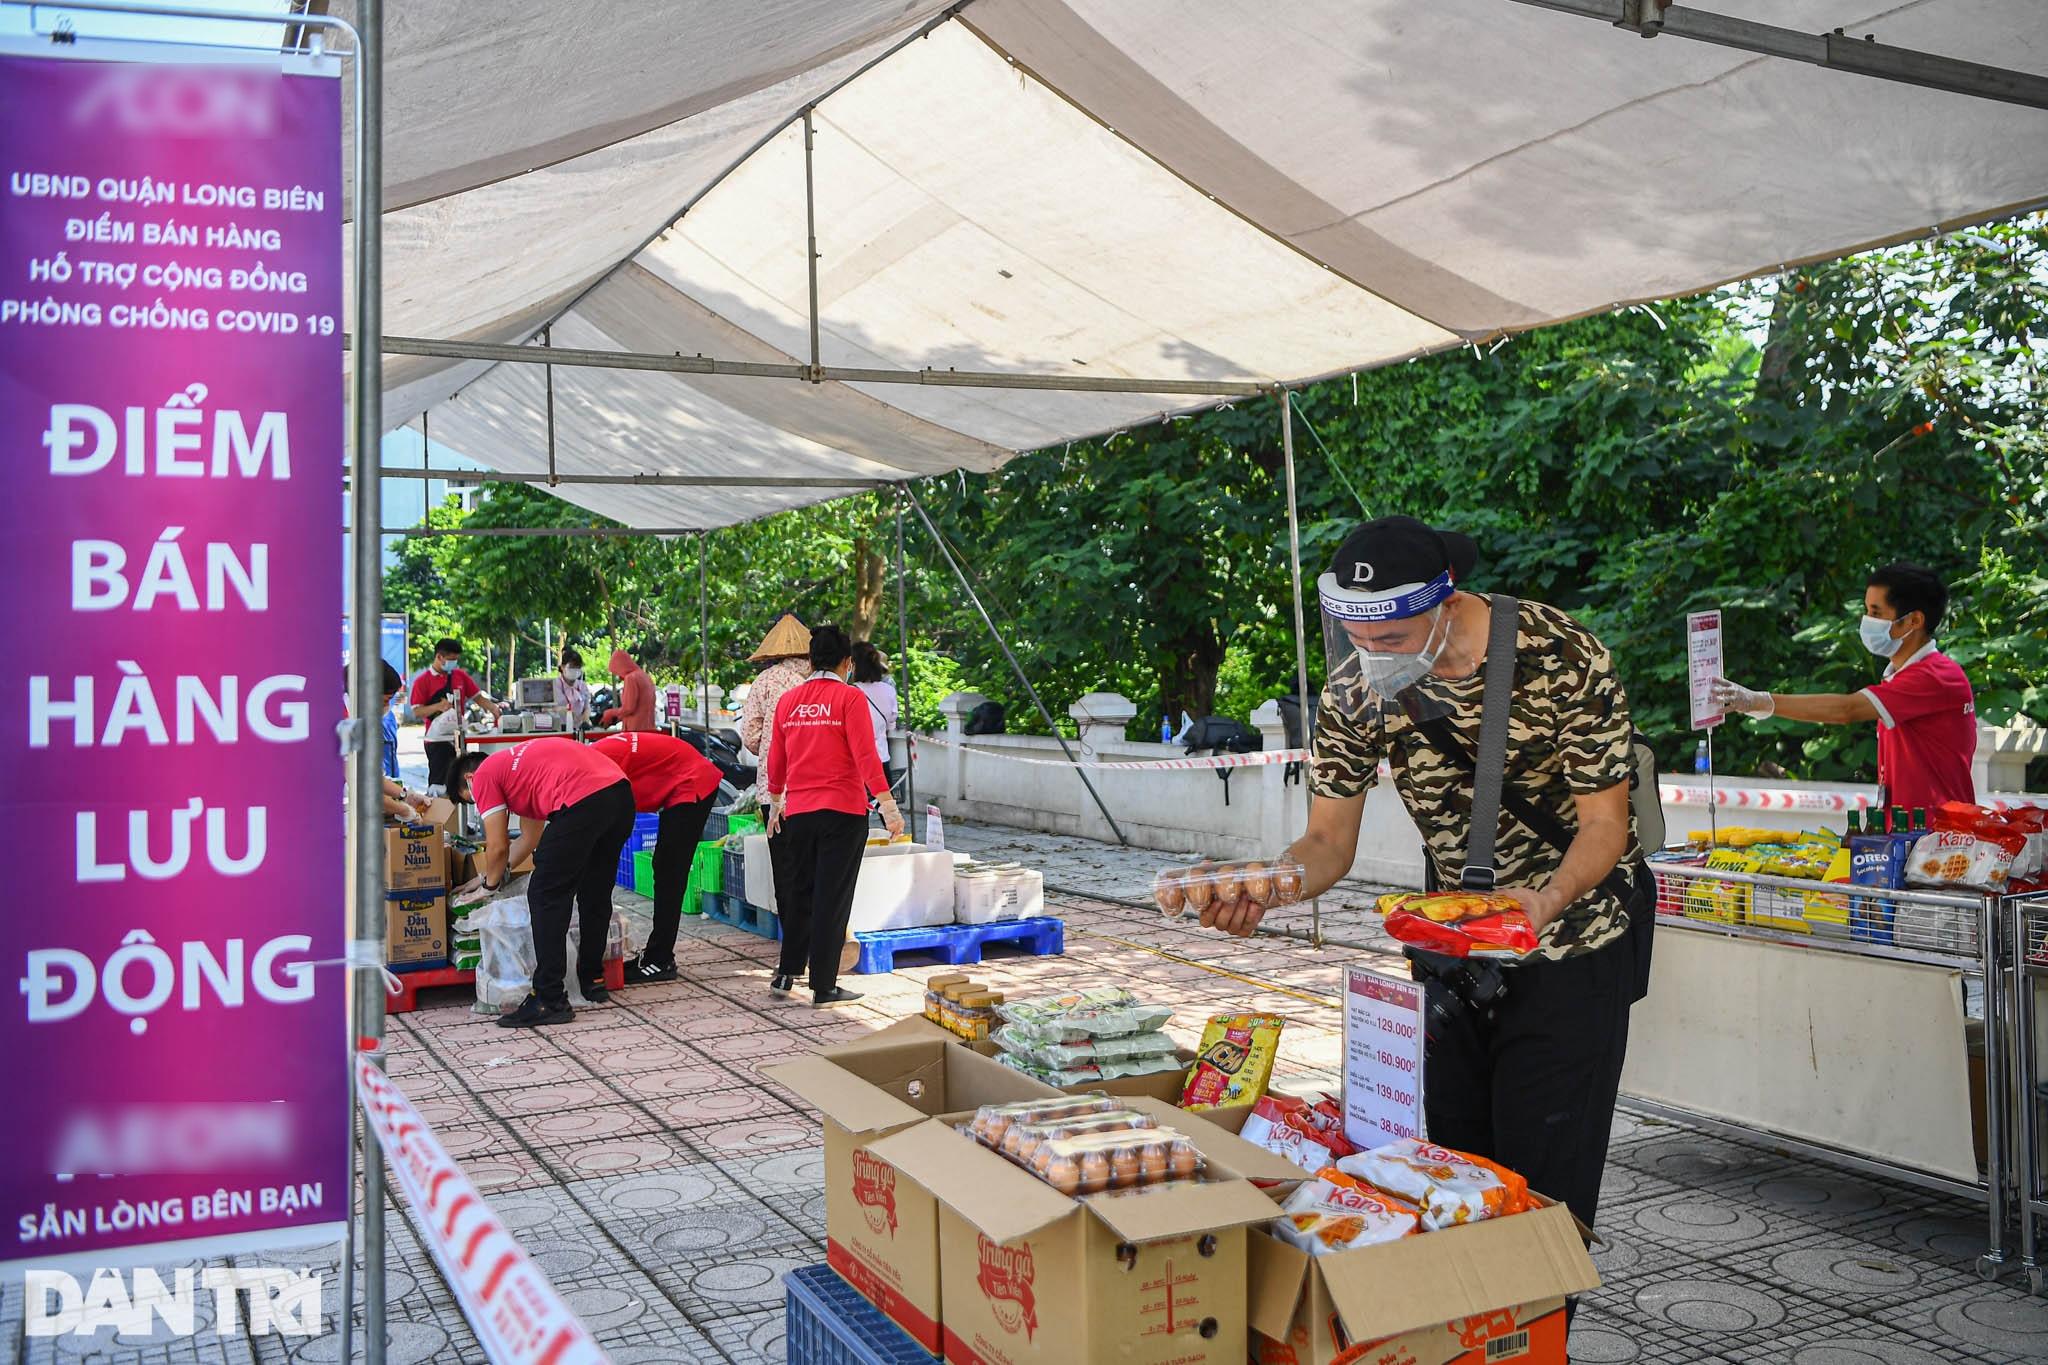 Toàn cảnh 15 ngày Hà Nội thực hiện giãn cách xã hội